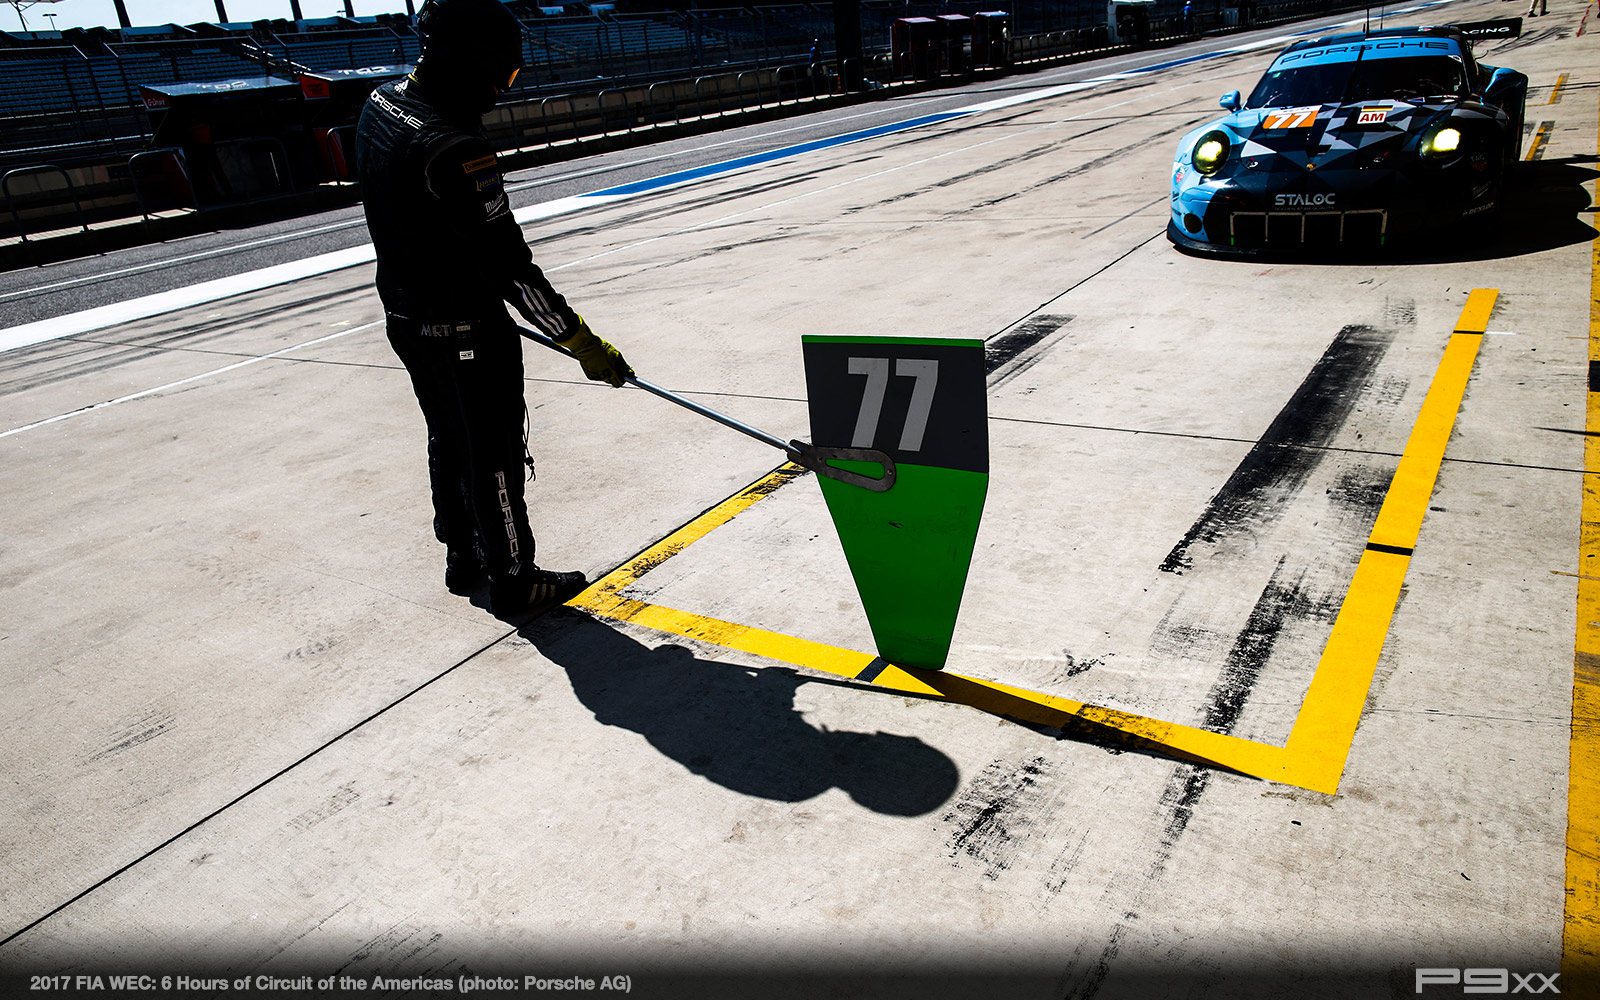 2017-FIA-WEC-6-HOURS-OF-COTA-PORSCHE-402